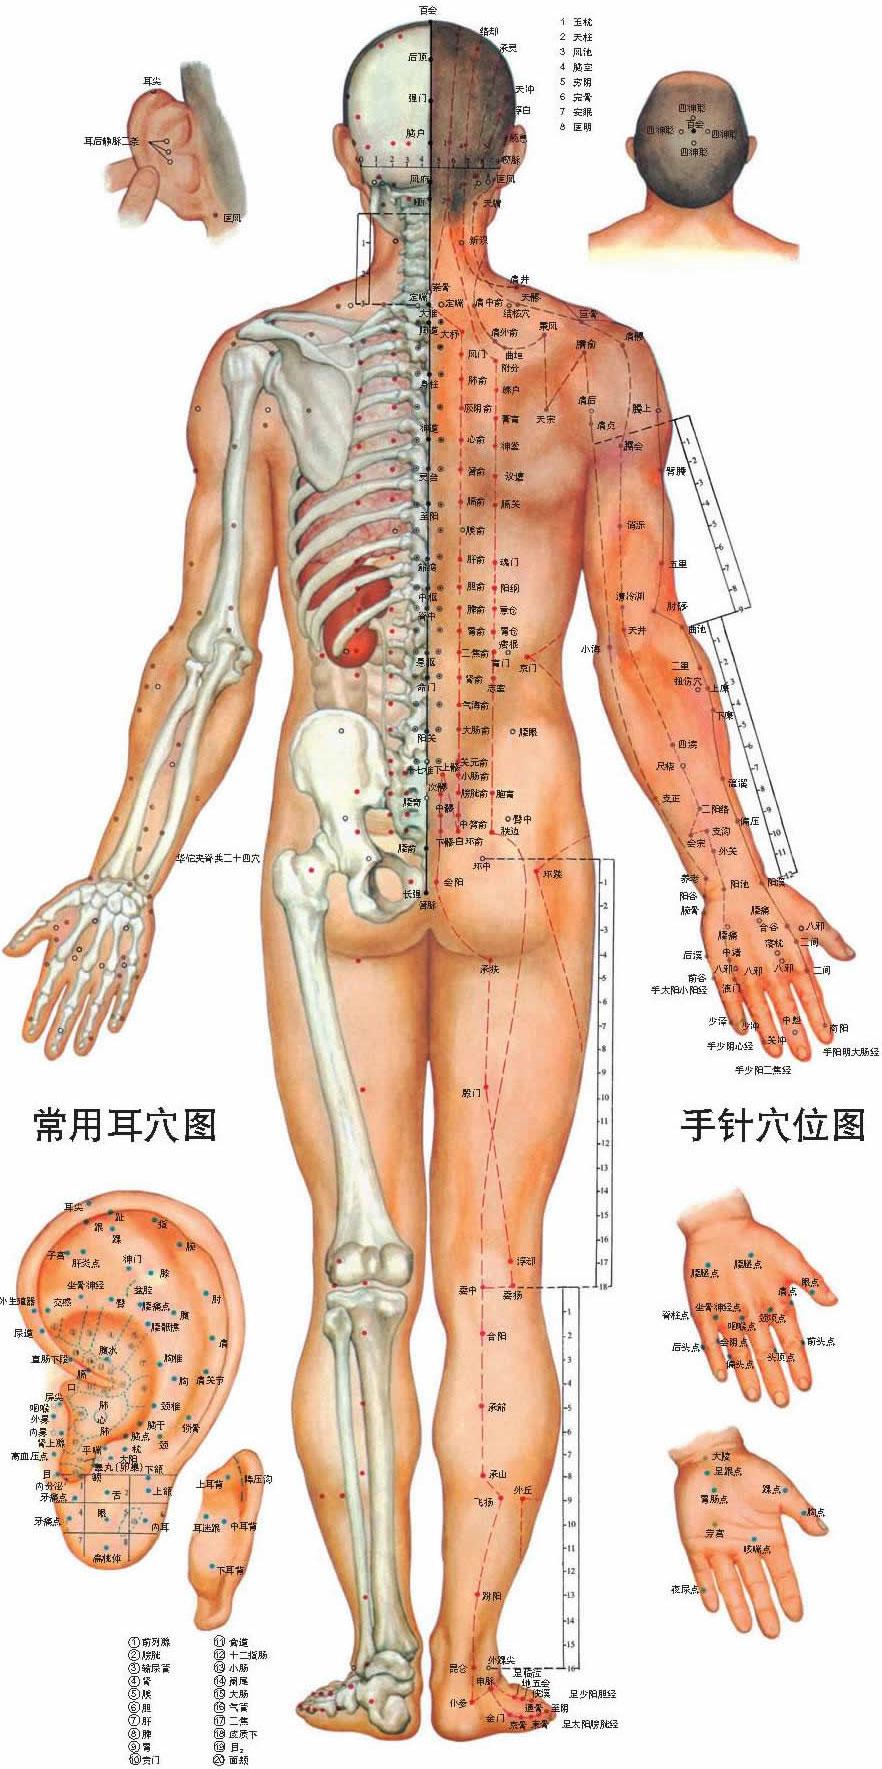 人体穴位背面图